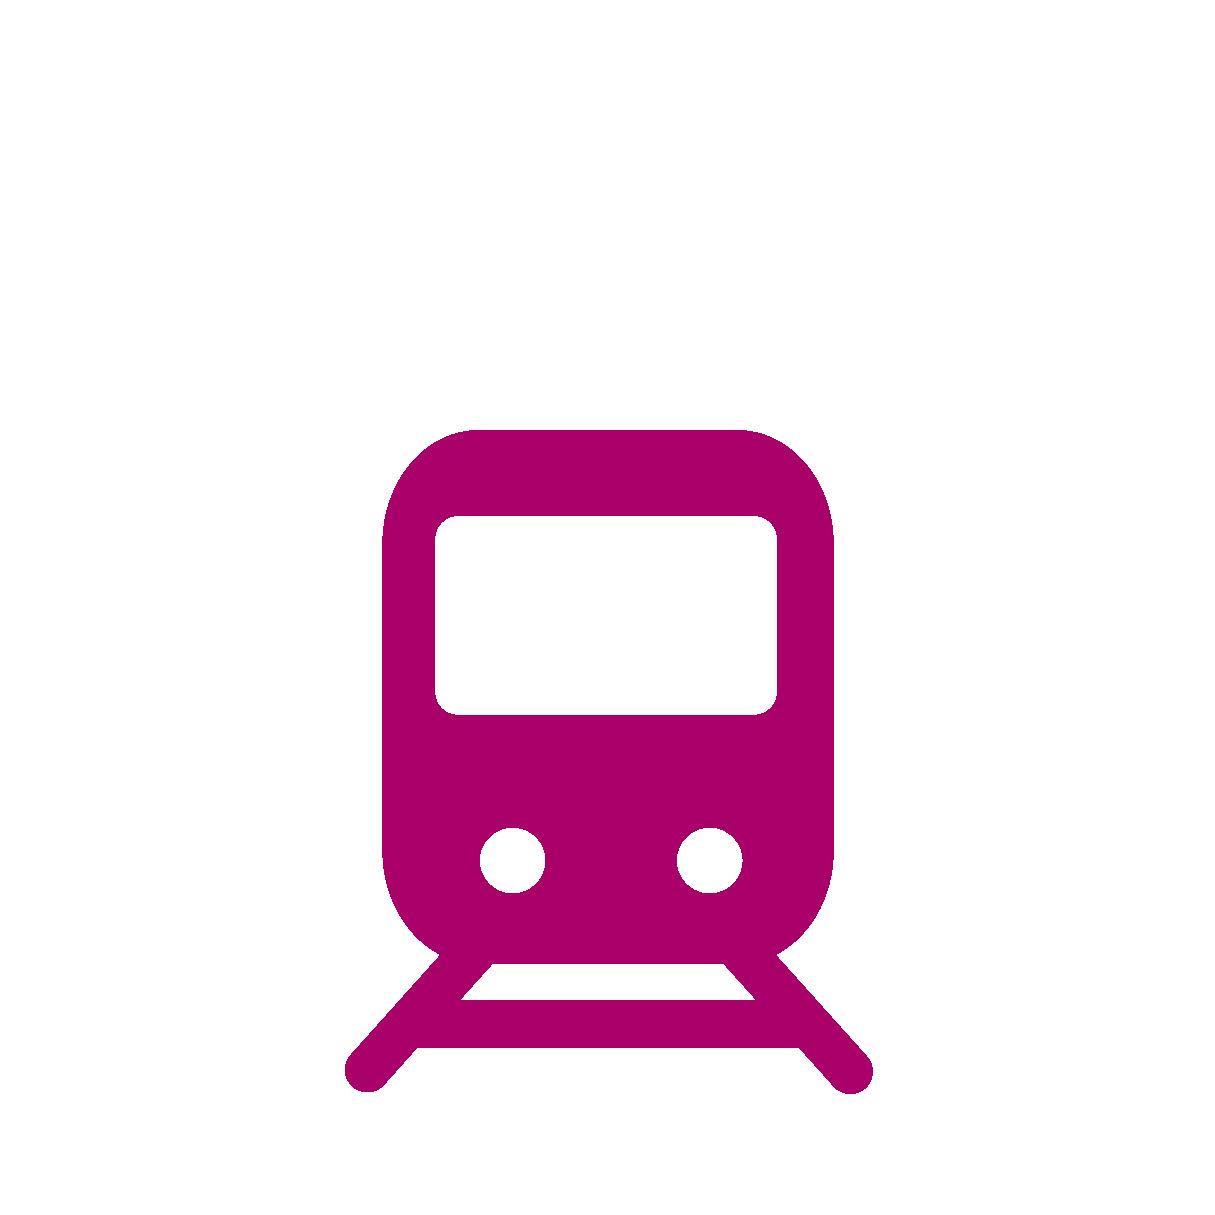 Le 13 d cembre nouveau service quelles cons quences sur la ligne j - Transilien prochain train ...